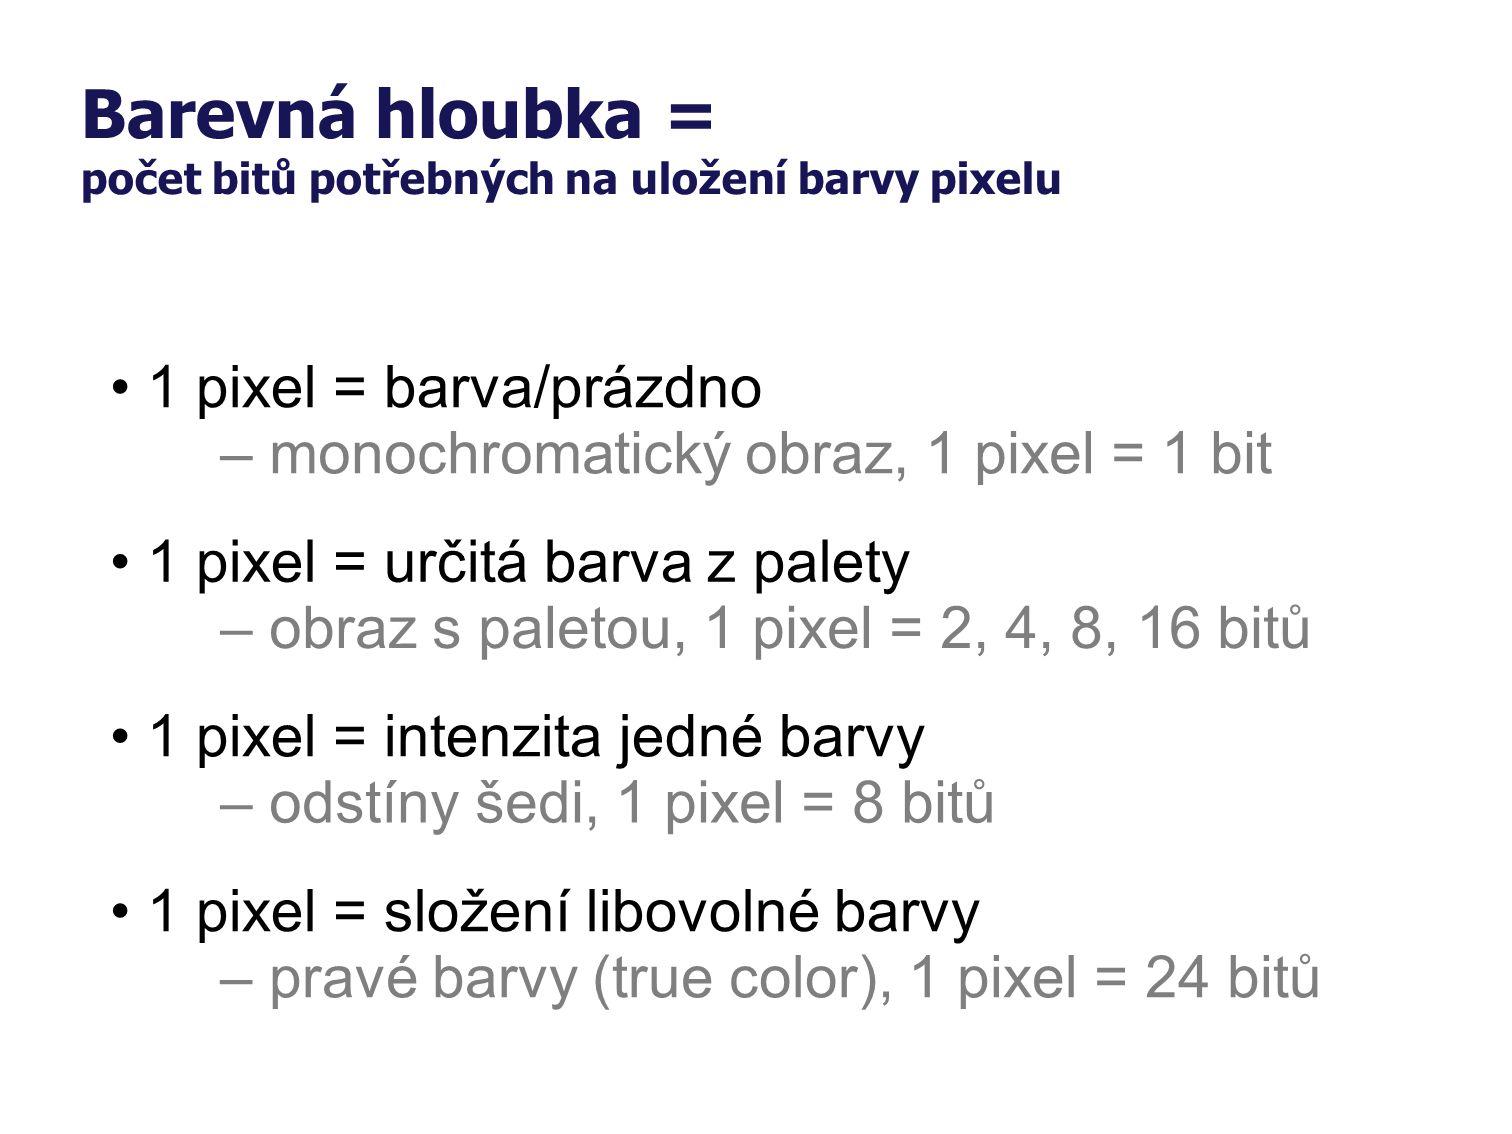 Barevná hloubka = počet bitů potřebných na uložení barvy pixelu